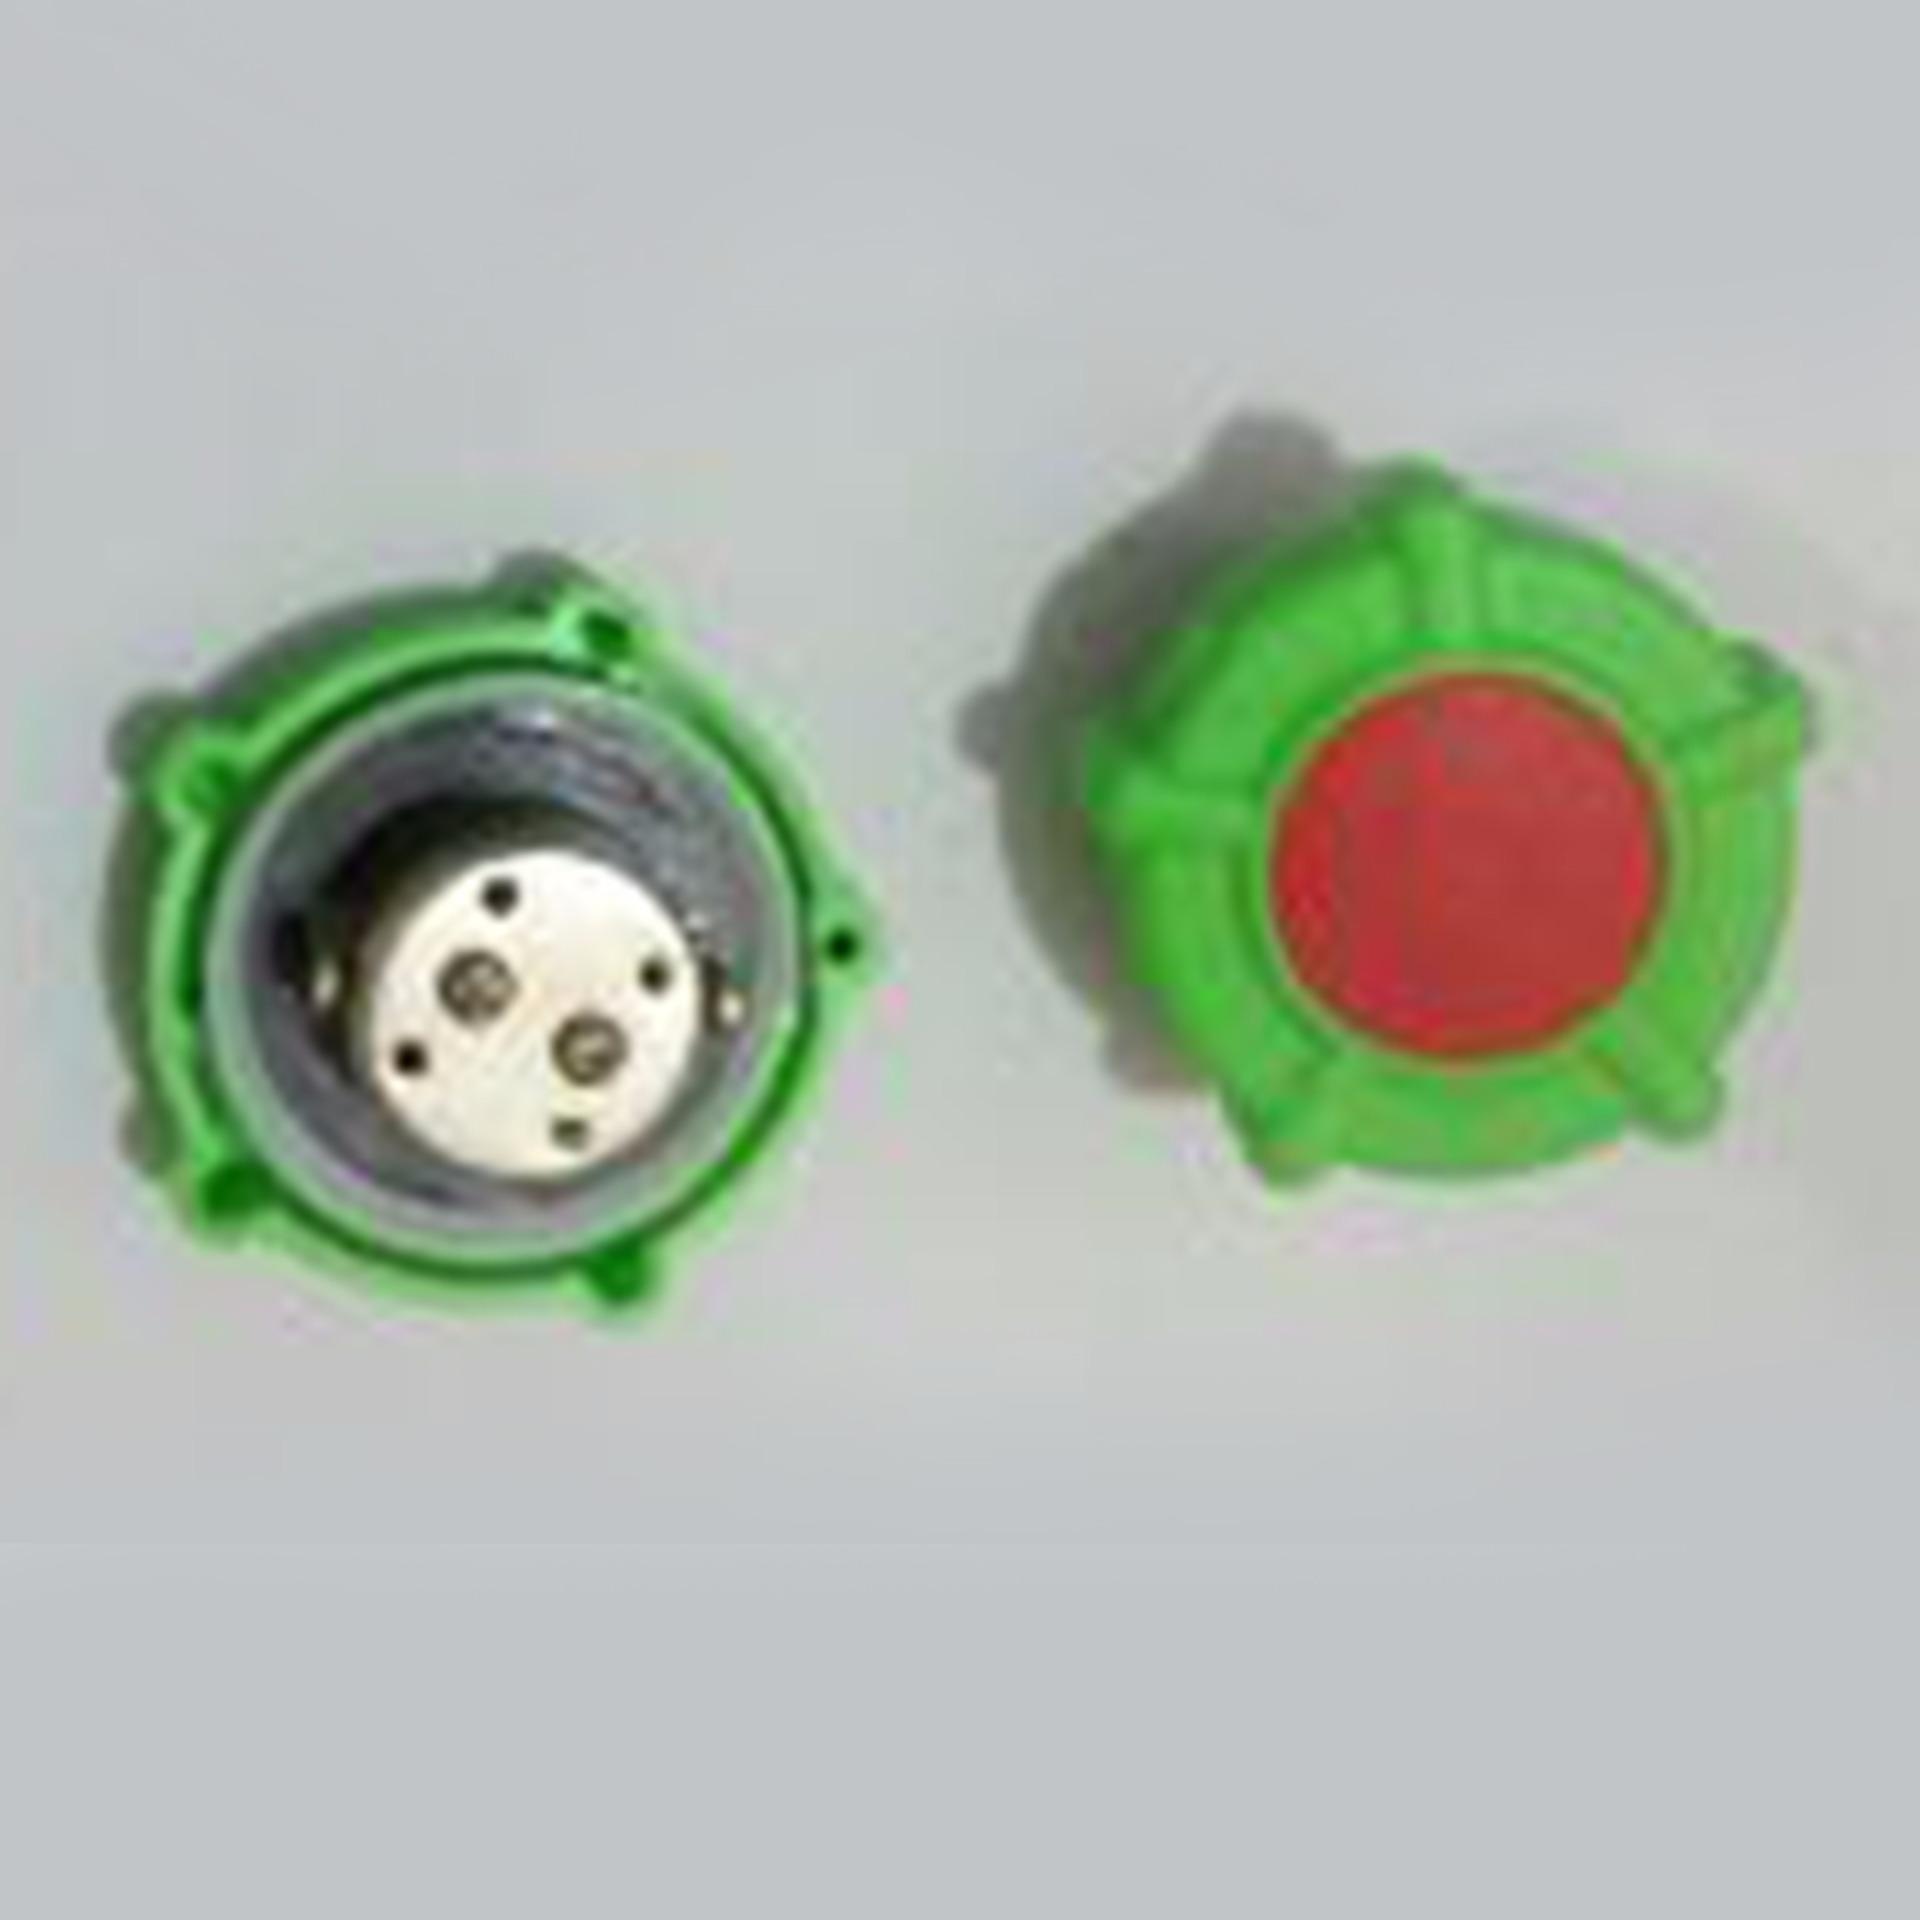 Tutup Tangki / Tutup Bensin Untuk Semua Motor Bebek Dan Matic / Motor Umum - Hijau By Virgo Shop.